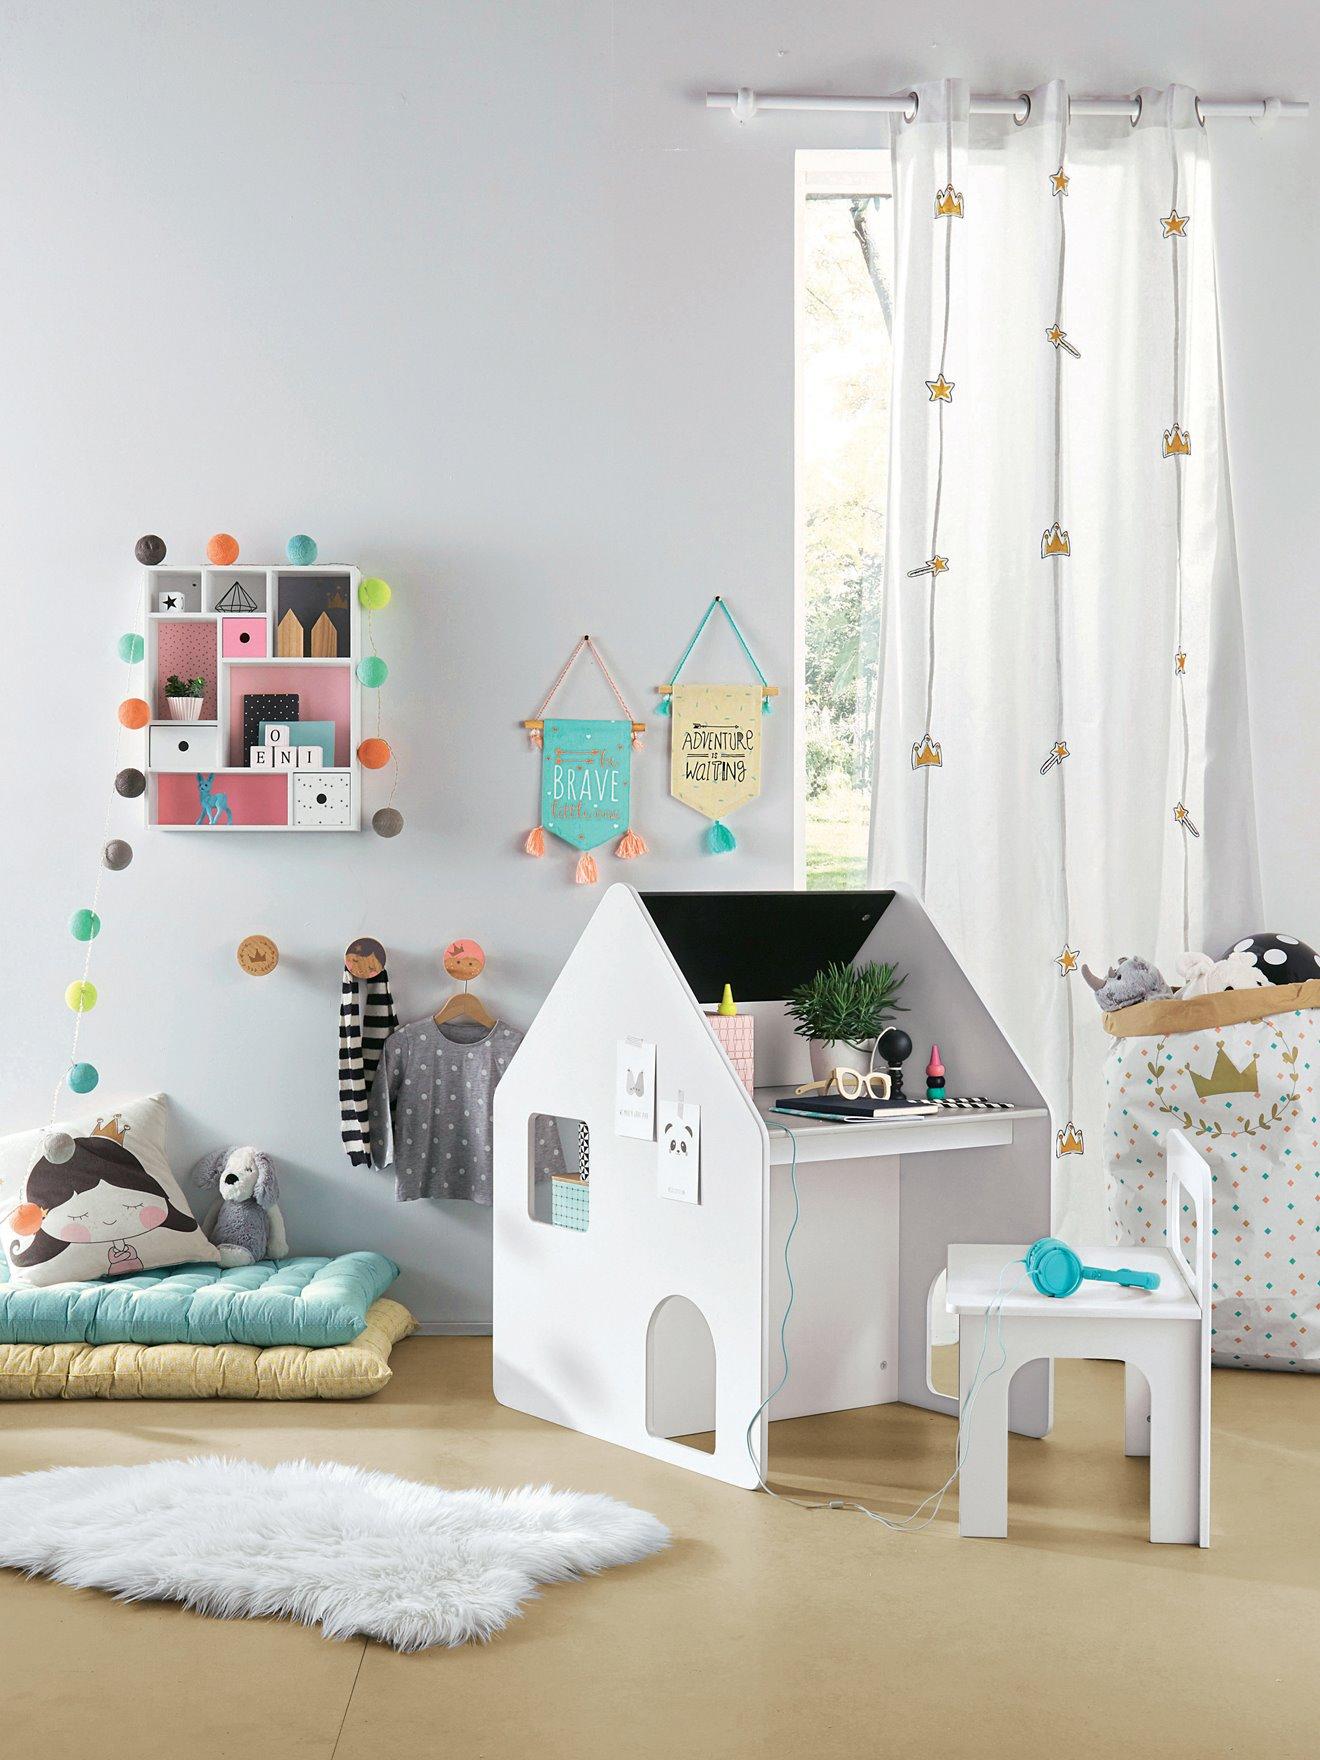 quel bureau choisir pour votre enfant cocon d co vie nomade. Black Bedroom Furniture Sets. Home Design Ideas